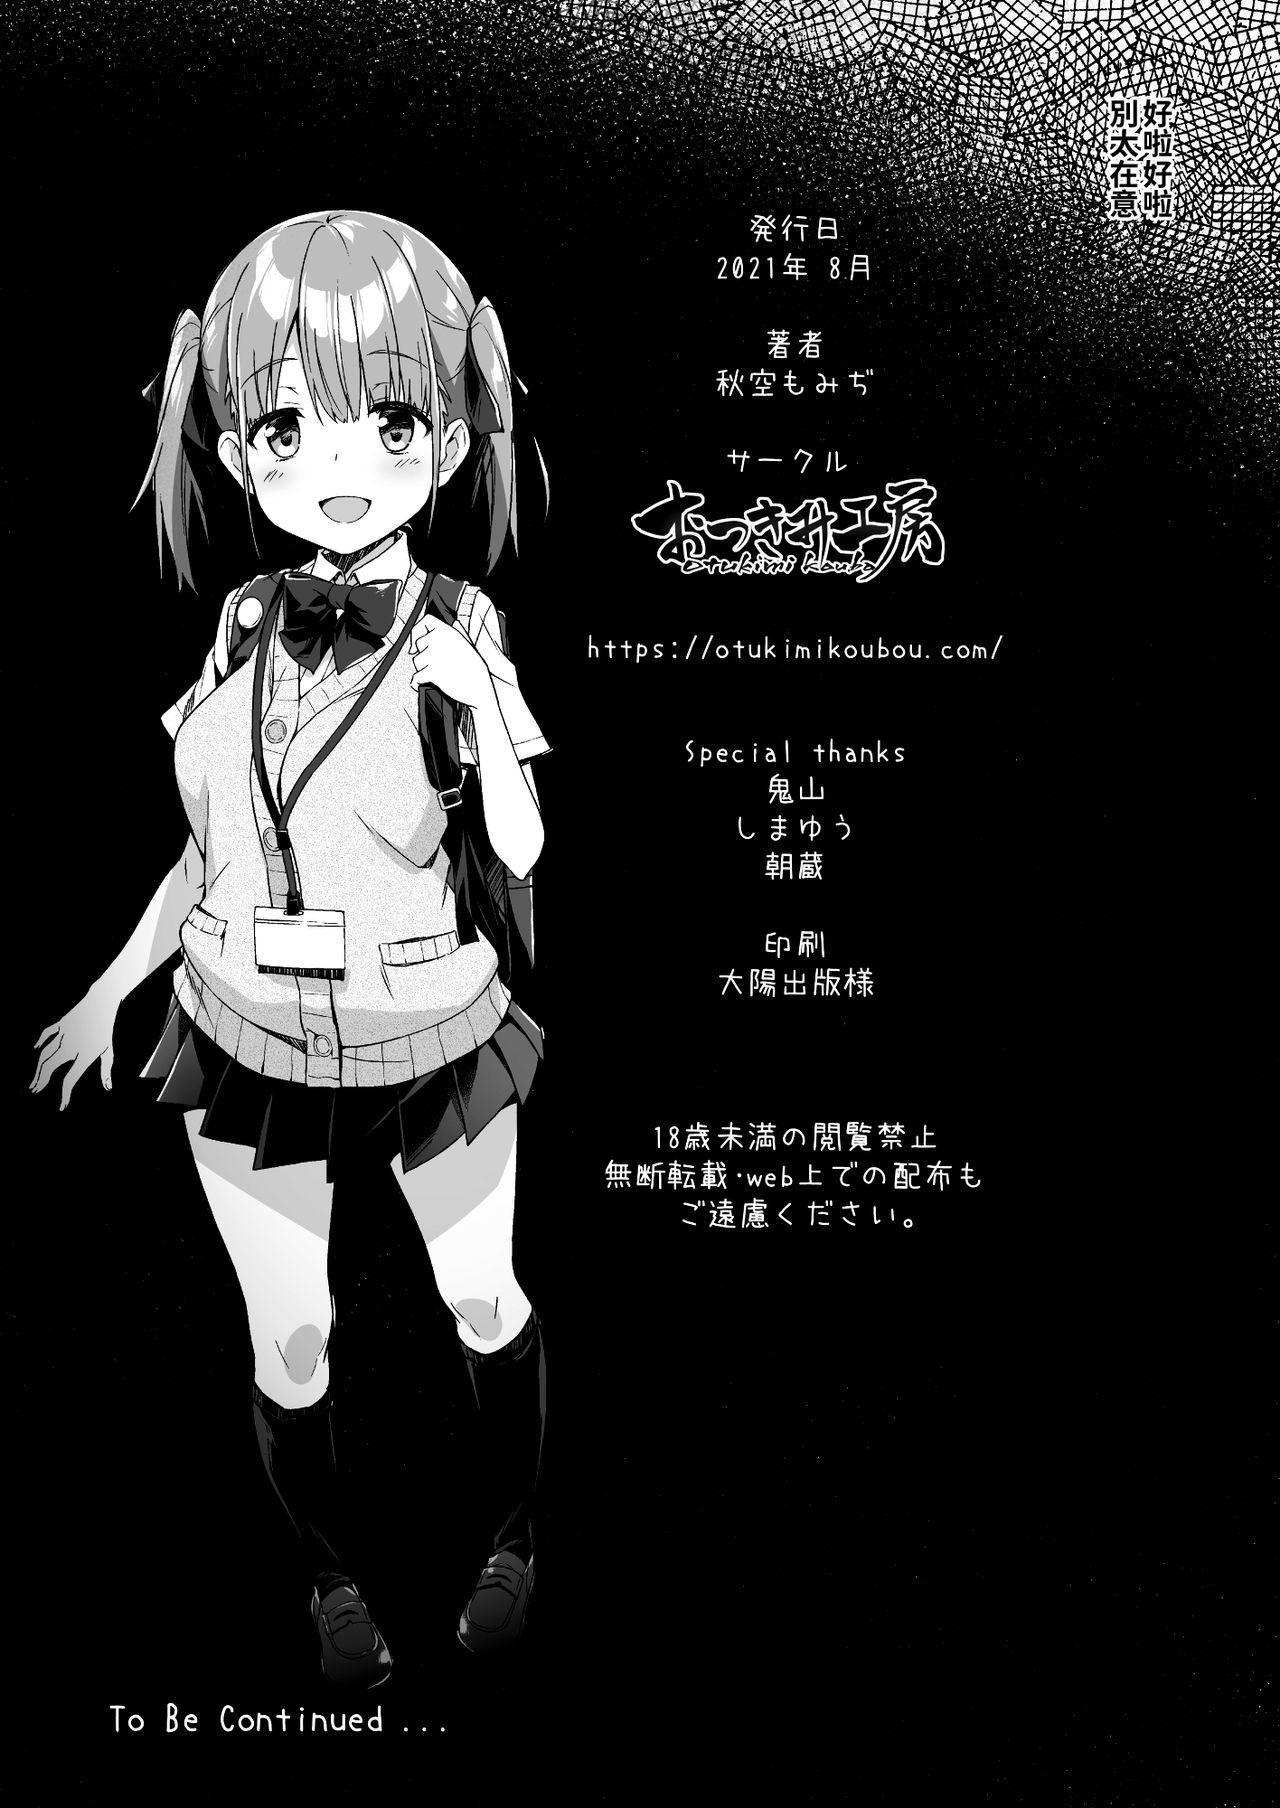 Kaji Daikou o Tanondara JK ga Kita node Tsuika de Iroiro Onegai shite mita 2 41